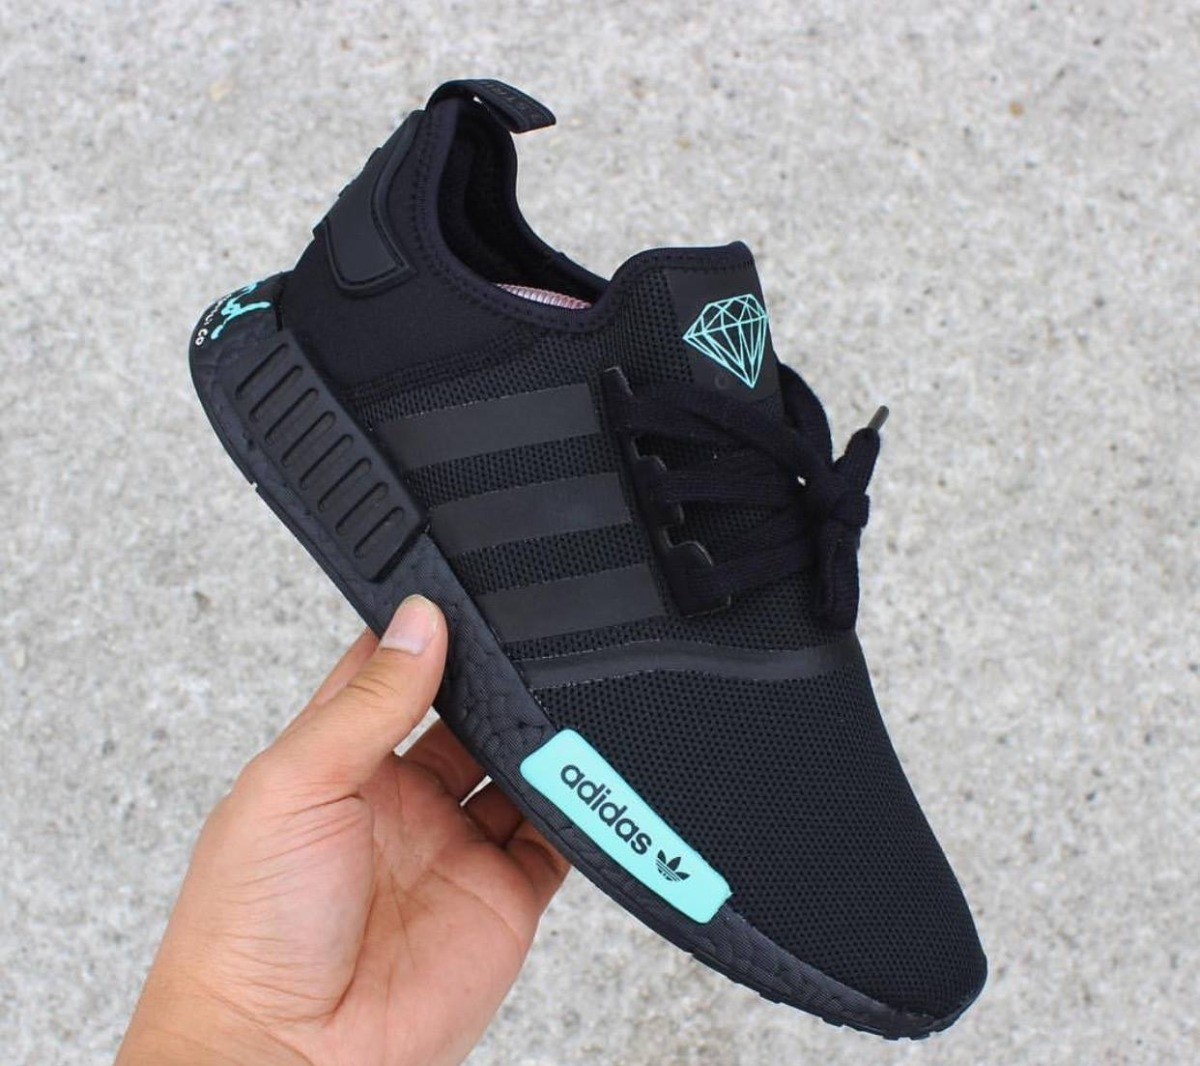 76b171318e tênis adidas nmd r1 x diamond preto original promoção. Carregando zoom.